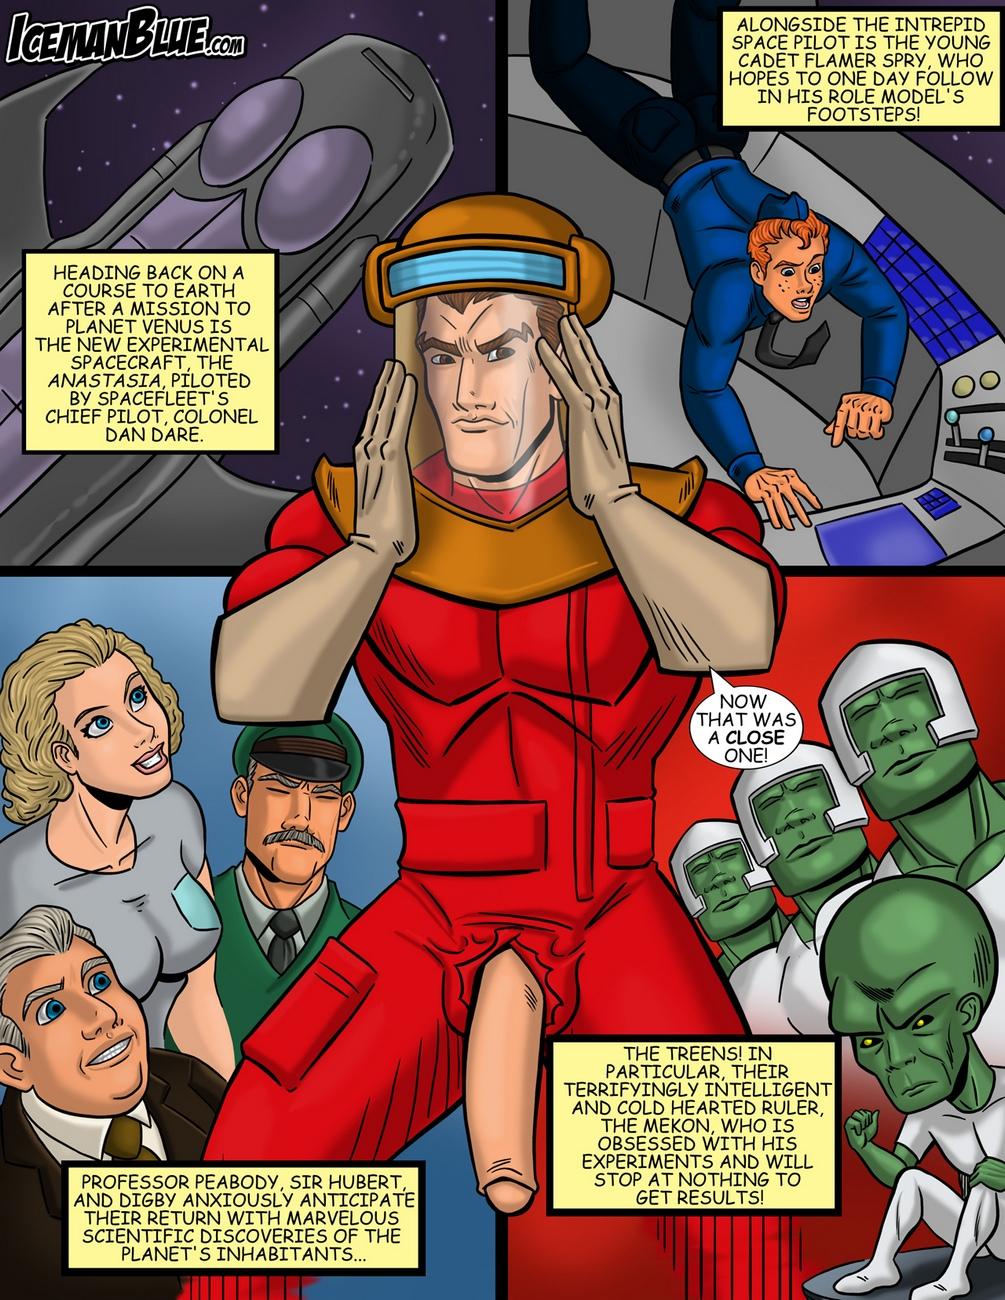 Dan-Dare 2 free sex comic